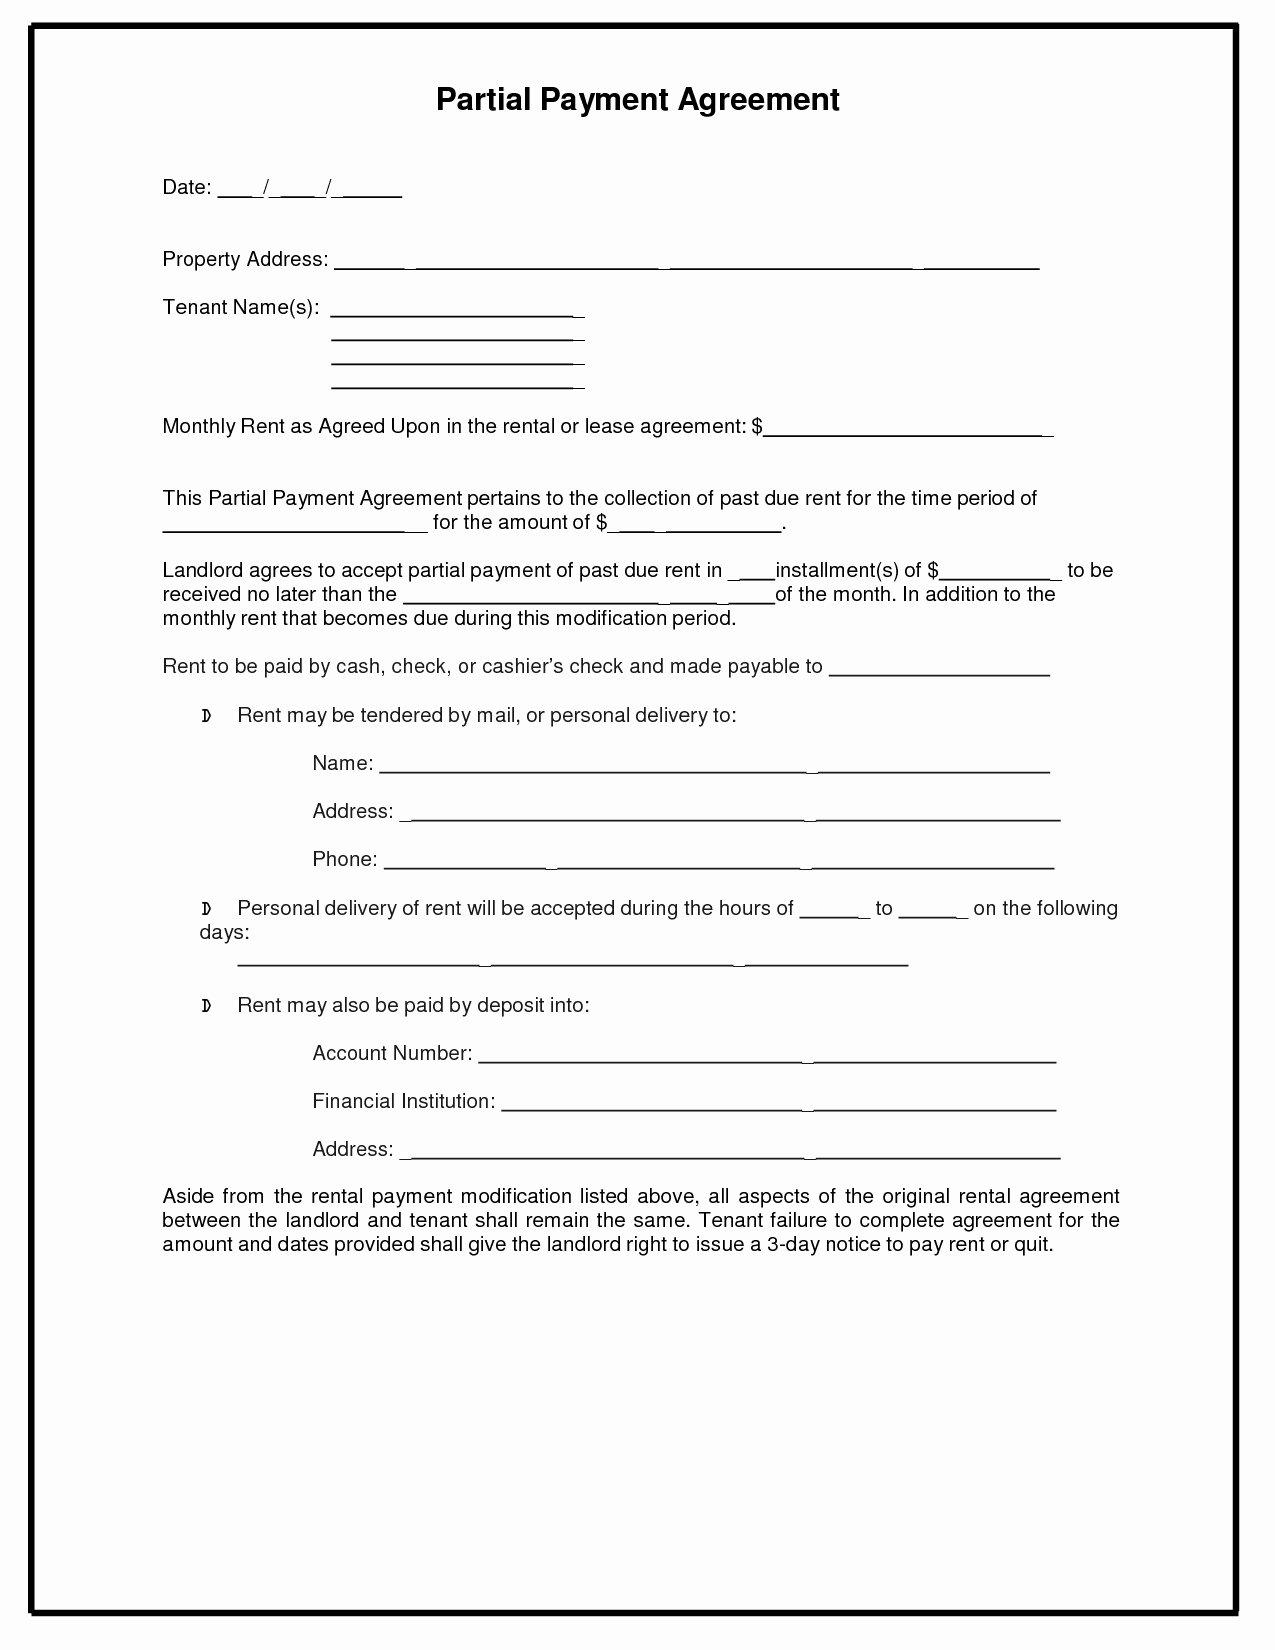 Installment Payment Agreement Template New Payment Agreement Sample original 8 Best Installment